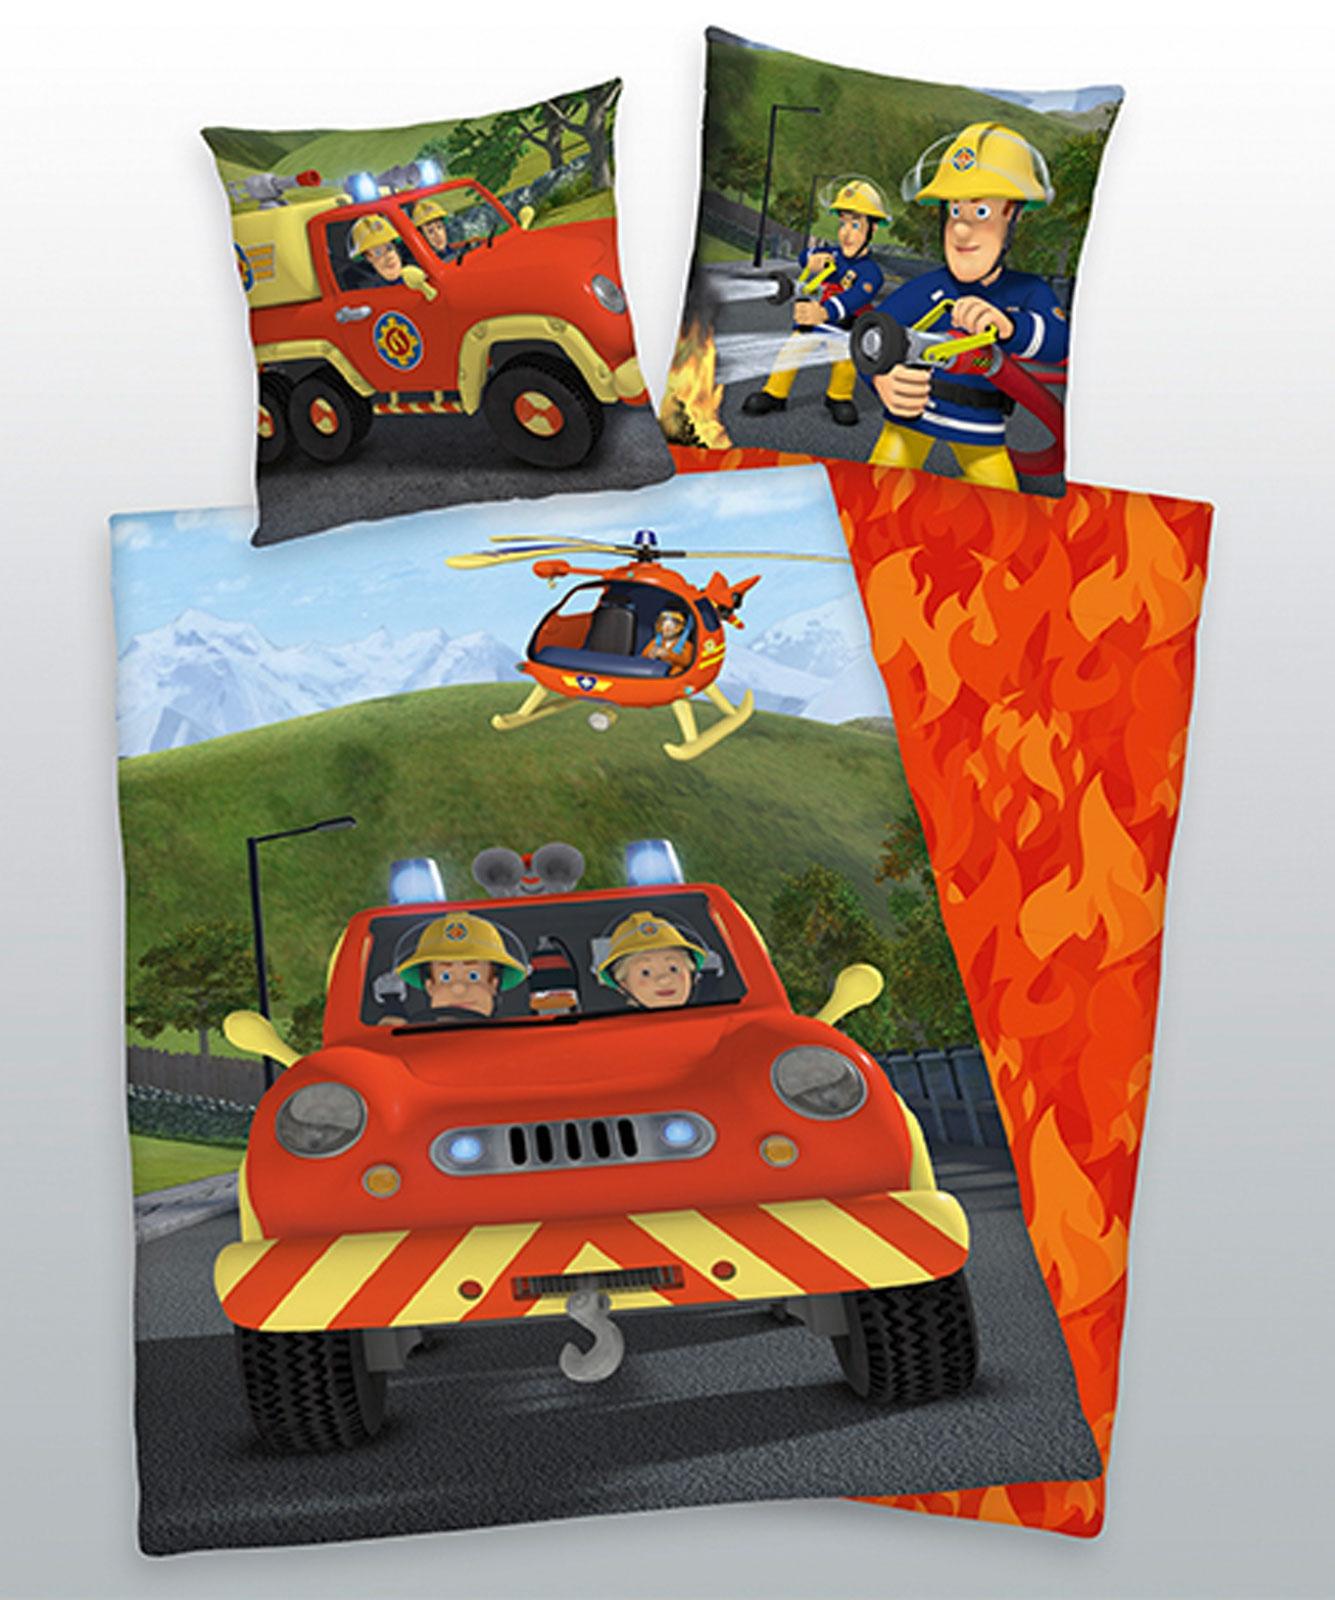 Bettwäsche - Herding Feuerwehr SAM Flanell Wende Bettwäsche incl. Aufbewahrungsbeutel 4670241.050  - Onlineshop PremiumShop321